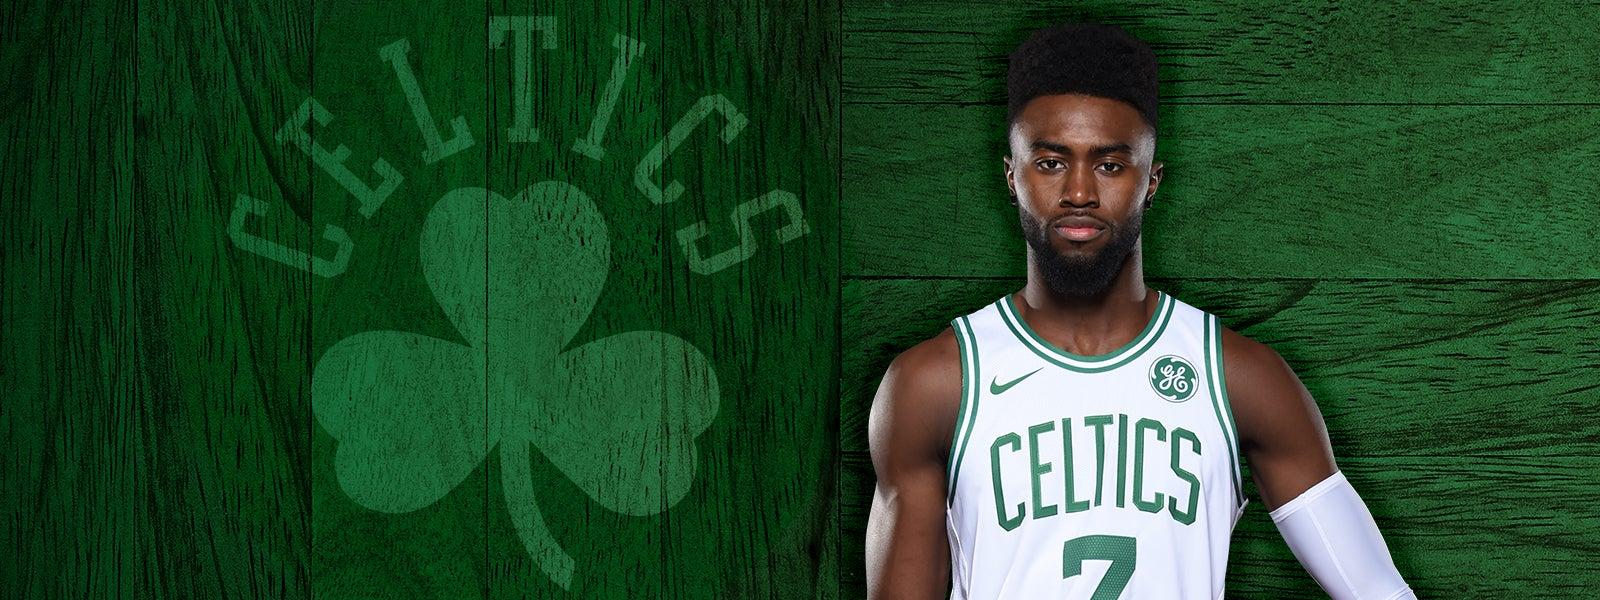 Celtics vs. Suns